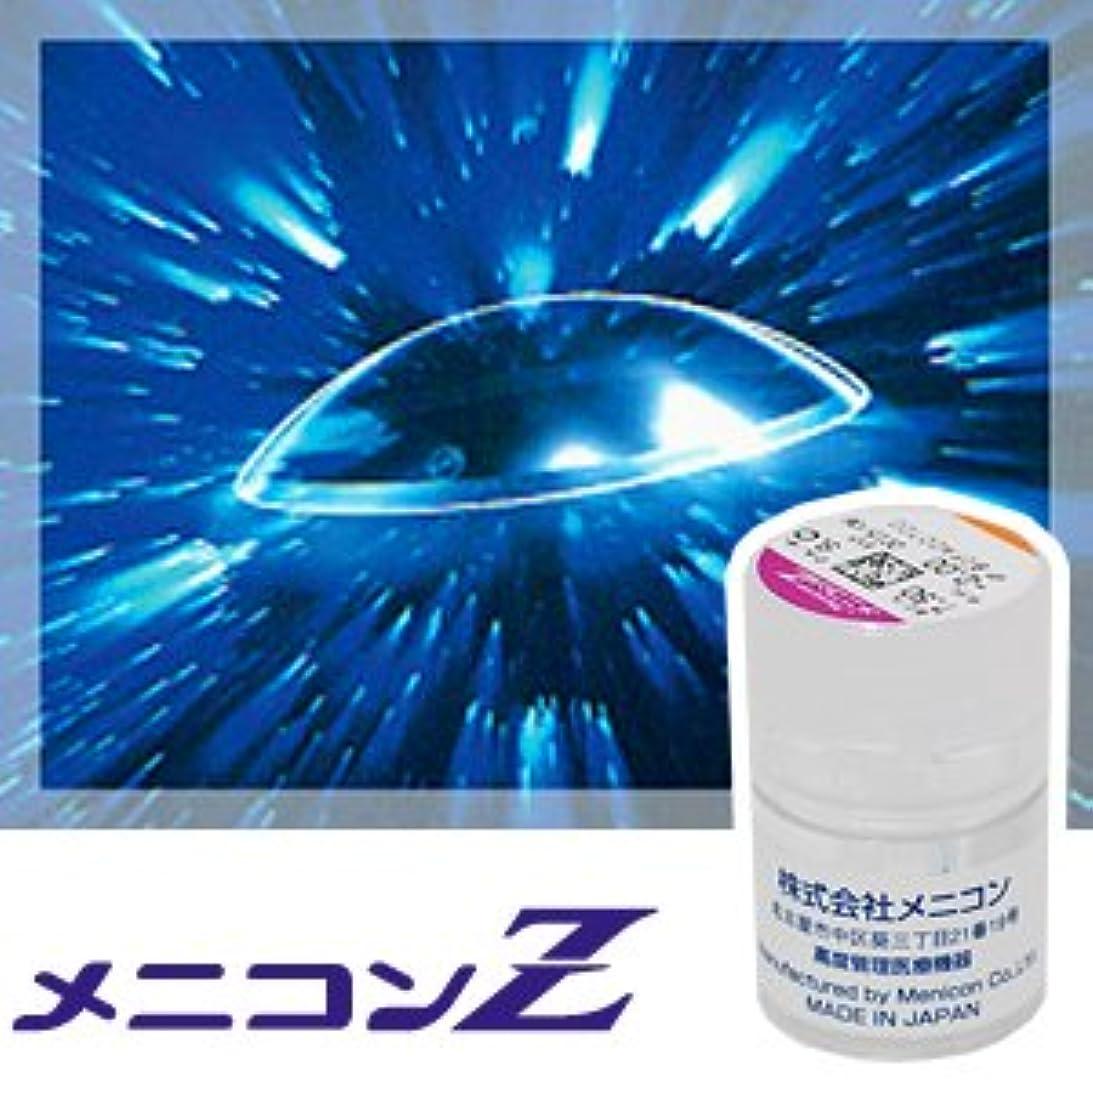 オーバーヘッドグラディスばかげた【2枚(両眼)】HOYA ハード EX 【DIA8.8 BC8.00 PWR-10.00】高酸素透過性 ハードコンタクトレンズ